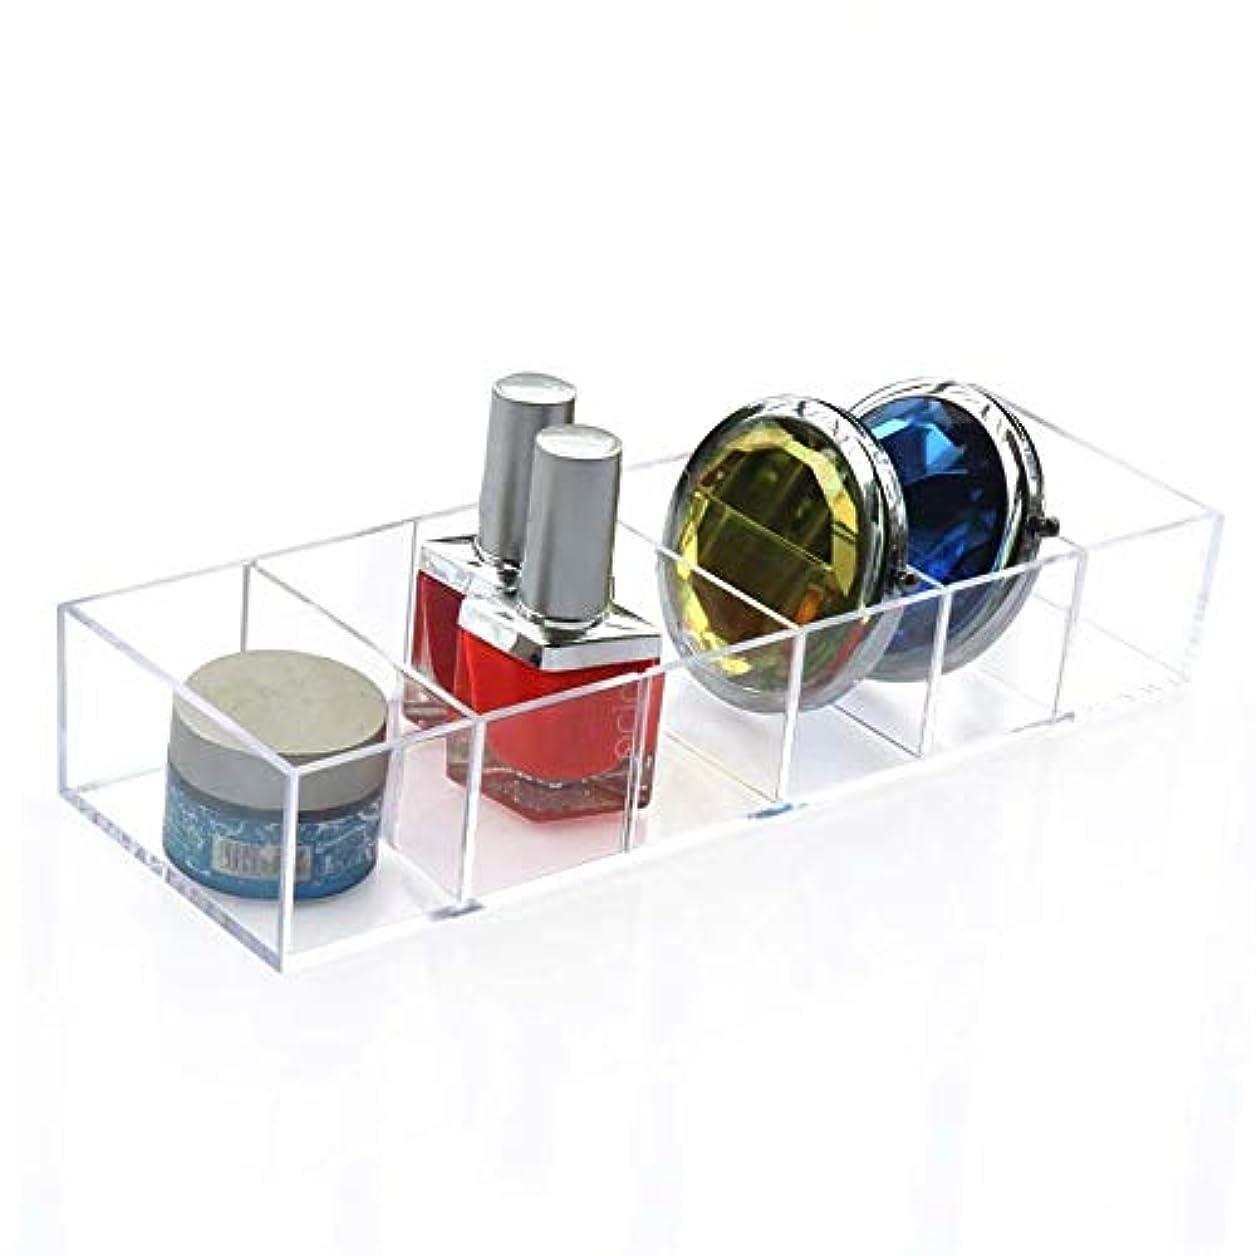 発音する暴君達成整理簡単 シンプル6スロットアクリルフェイスパウダー口紅ホルダー化粧ケース収納オーガナイザーボックス (Color : Clear, Size : 25.5*8.6*4.4CM)